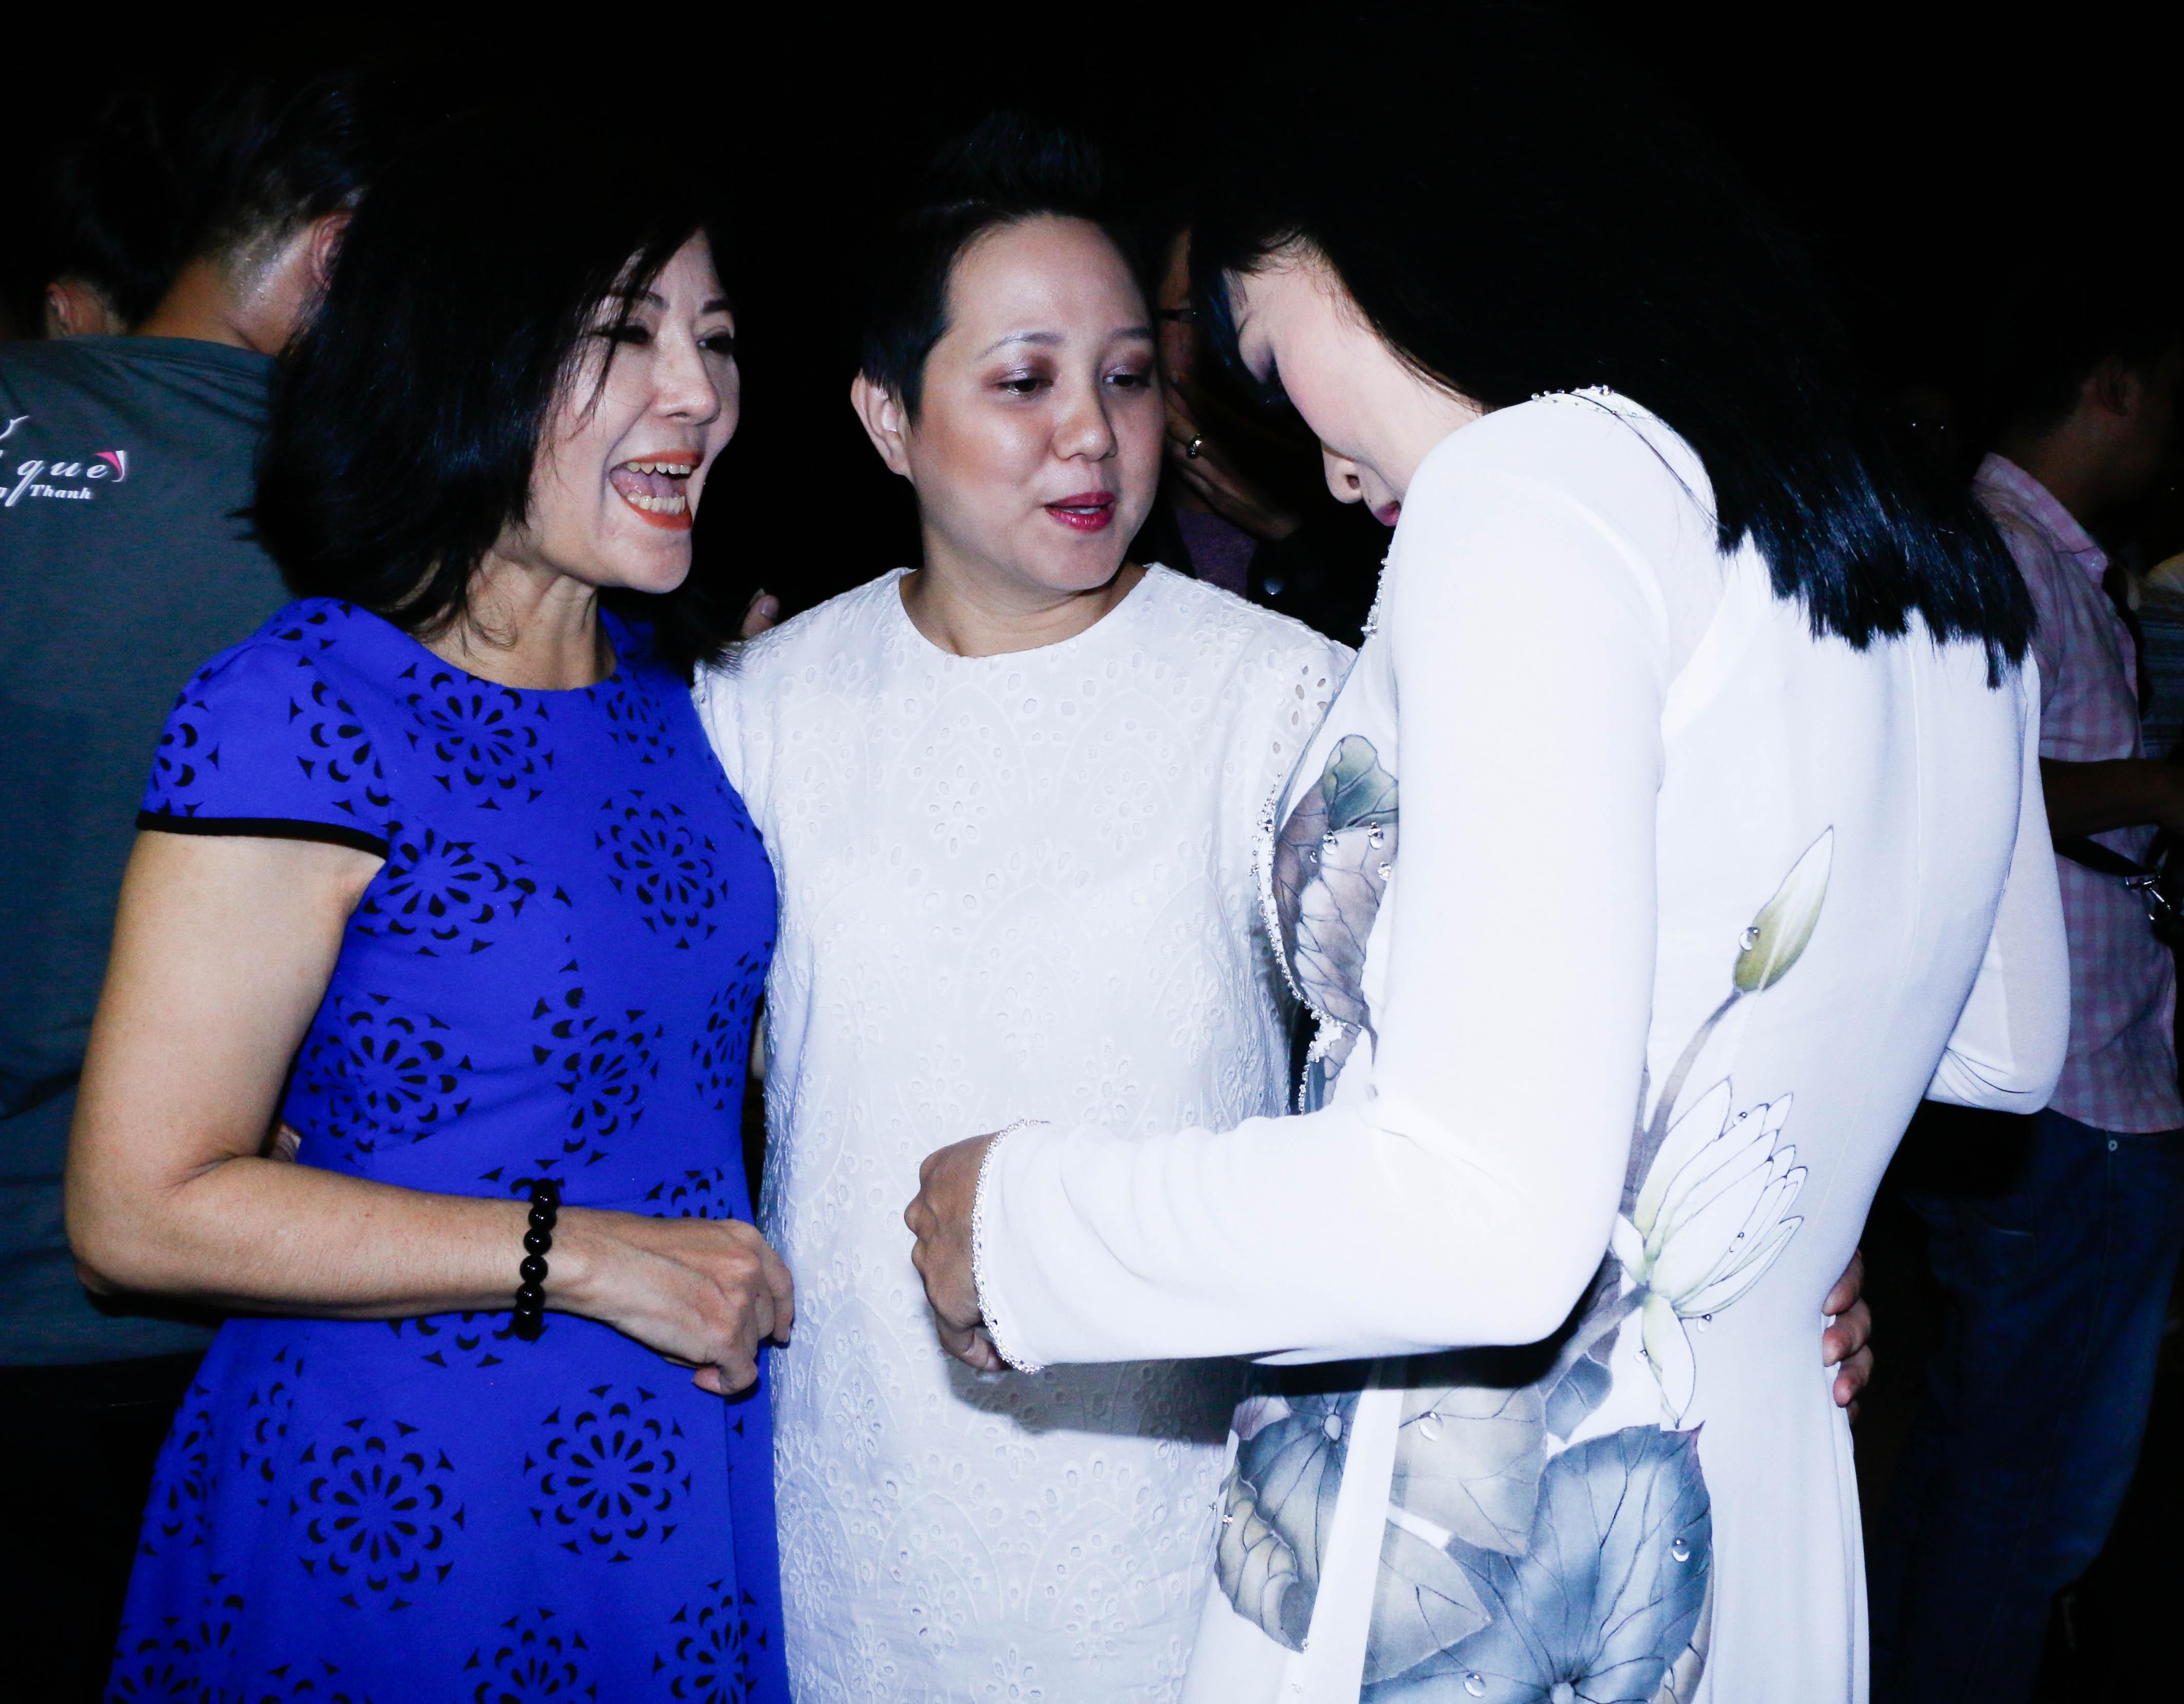 Ca sĩ Ngọc Linh (đứng giữa) đến chúc mừng nữ ca sĩ, cô tấm tắc khen ngợi bộ áo dài trắng Phương Thanh đang mặc.